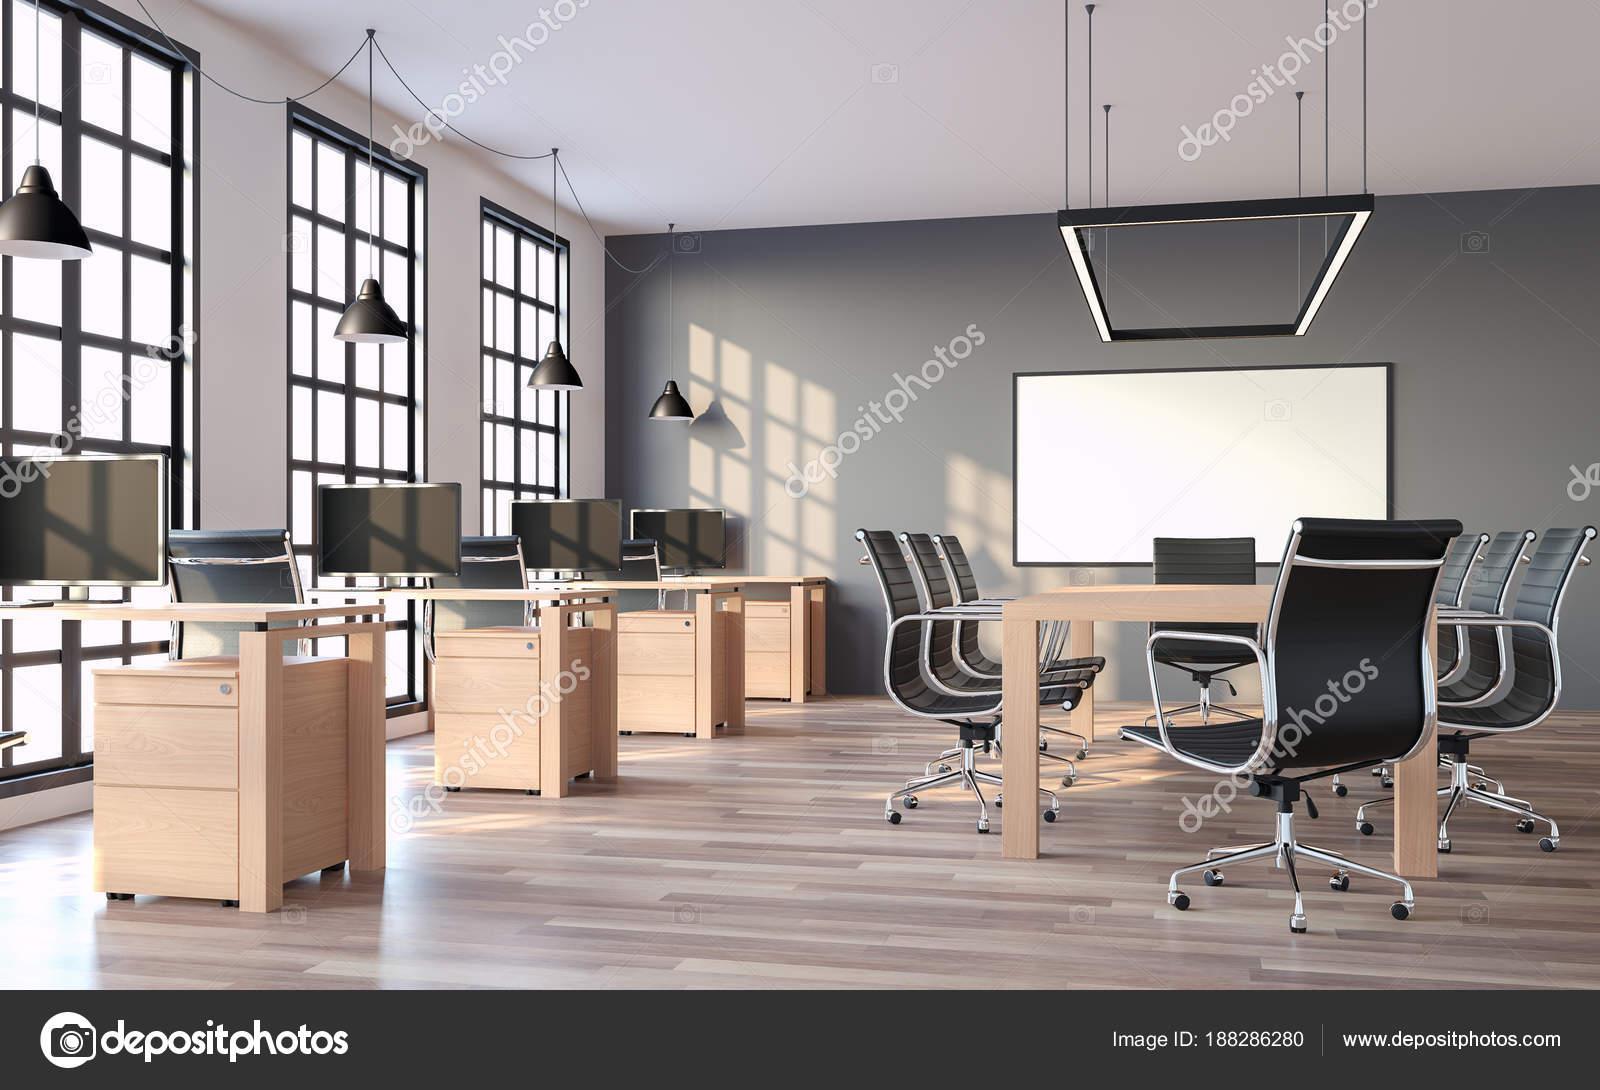 Ufficio Stile Moderno : Ufficio stile moderno loft con render parete grigia camere hanno